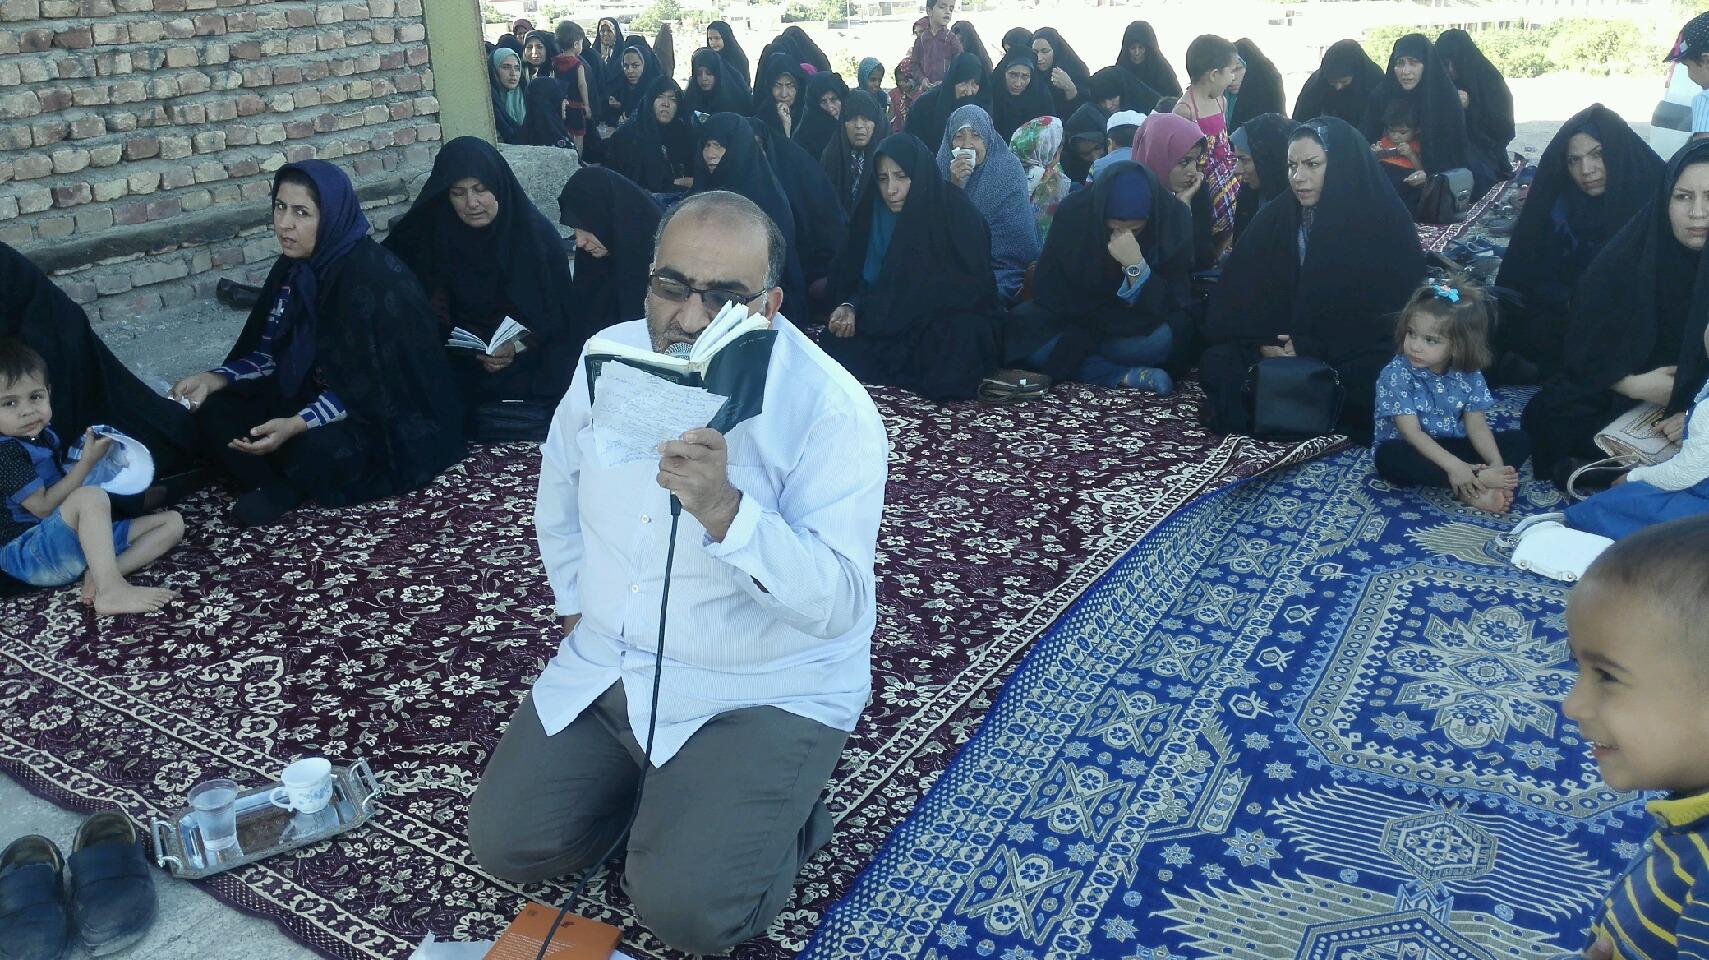 برگزاری مراسم عزاداری شب شهادت امام صادق(ع)در گلزار شهدای گمنام رابر /تصاویر